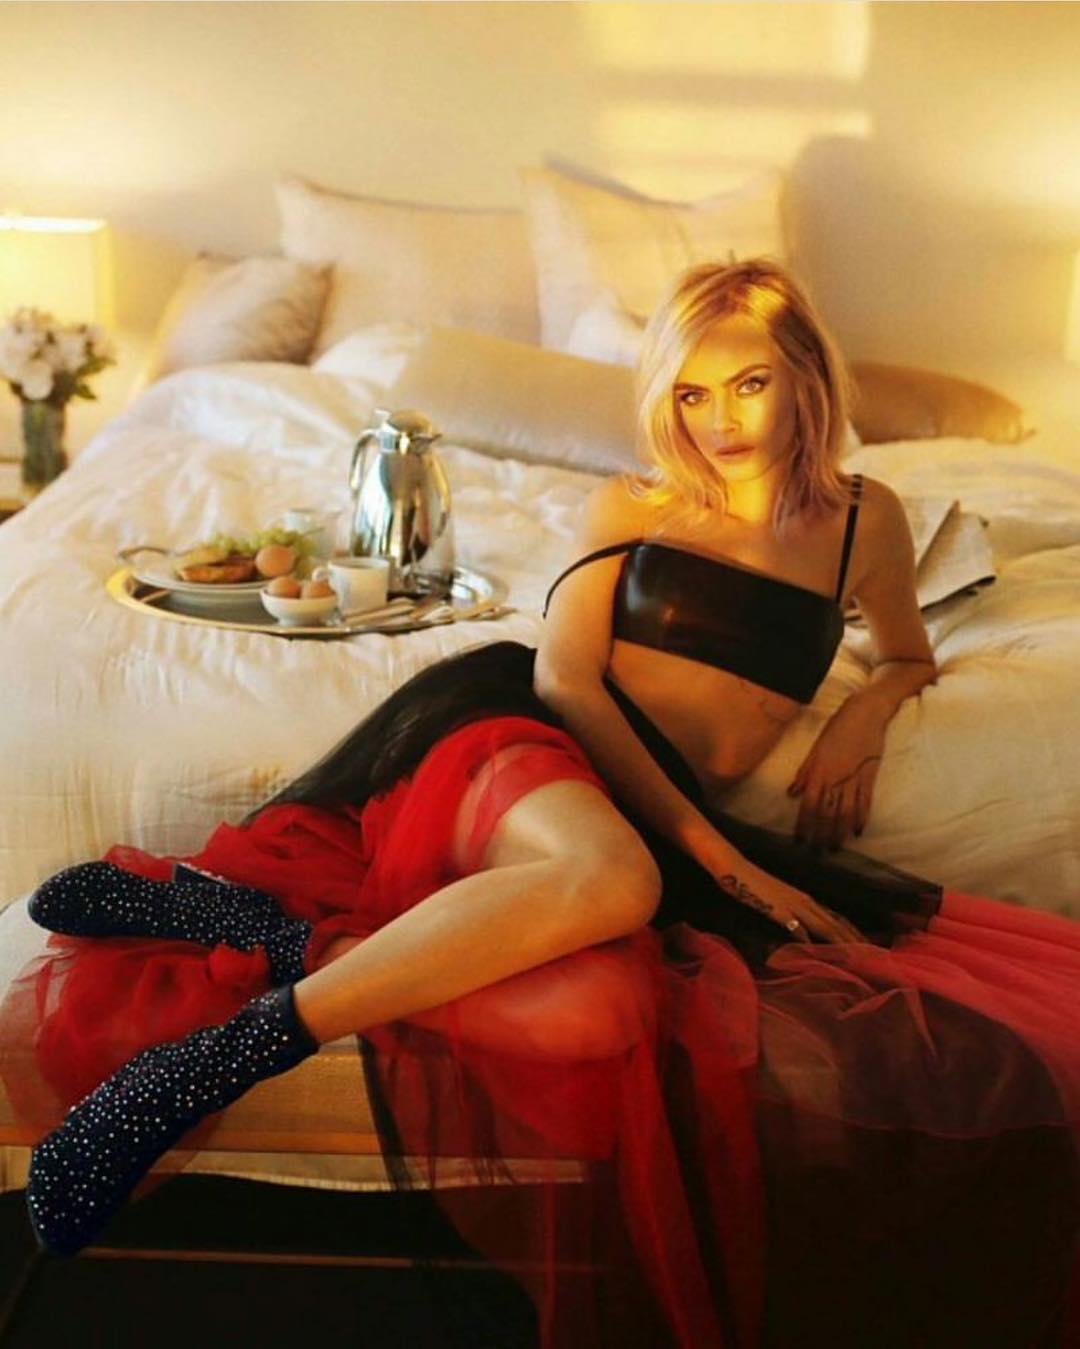 Кара Делевинь снялась в рекламном ролике коллекции Jimmy Choo-Фото 3